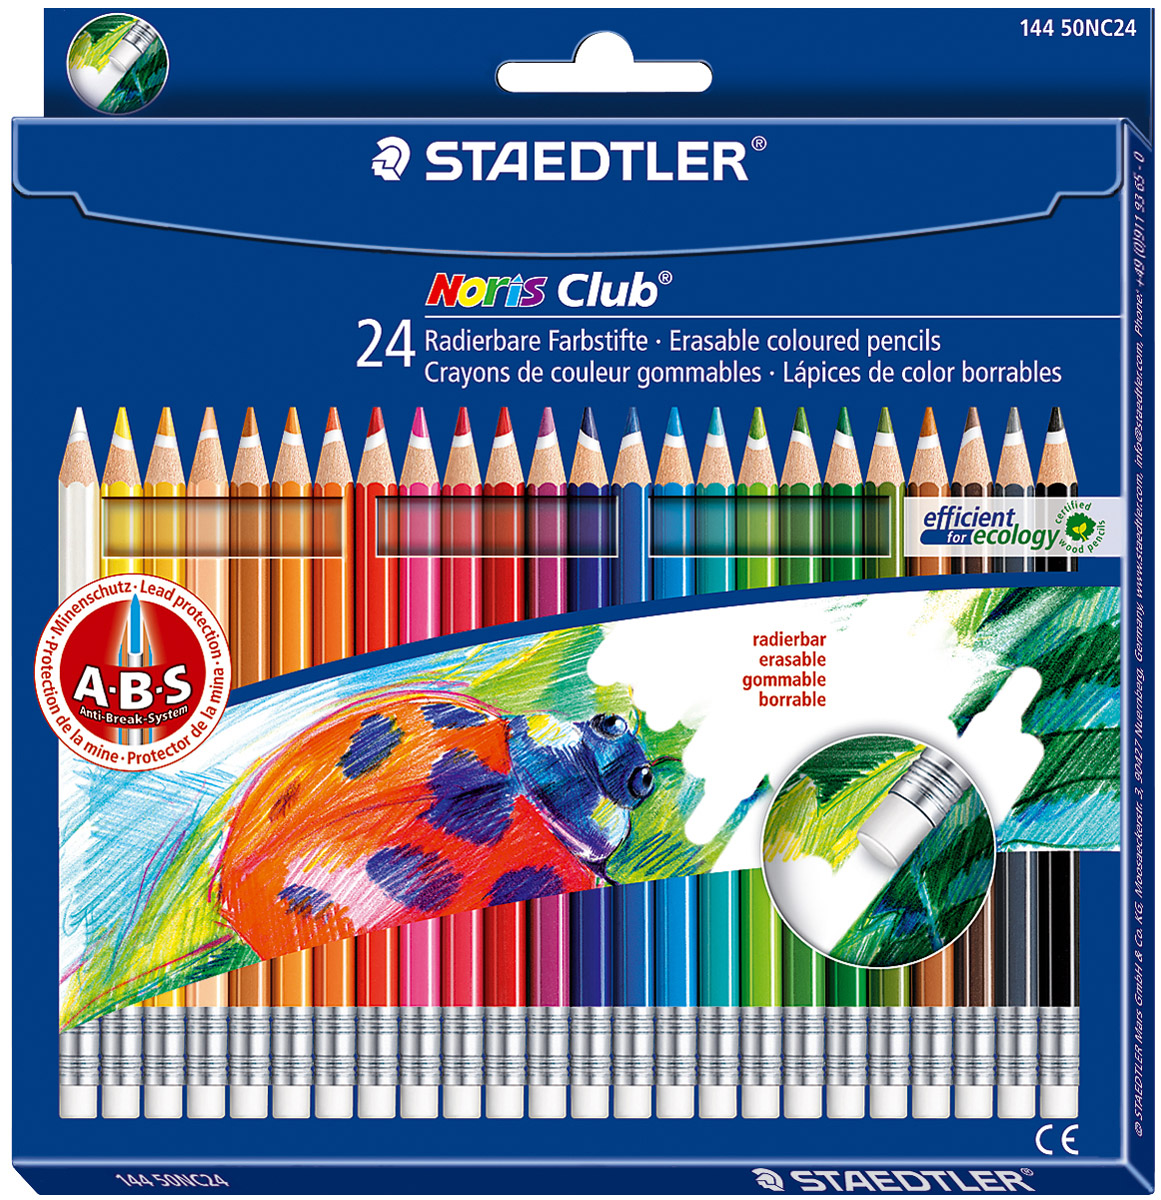 Staedtler Набор цветных карандашей Noris Club 24 шт staedtler staedtler цветные карандаши noris club утолщенные 10 цветов